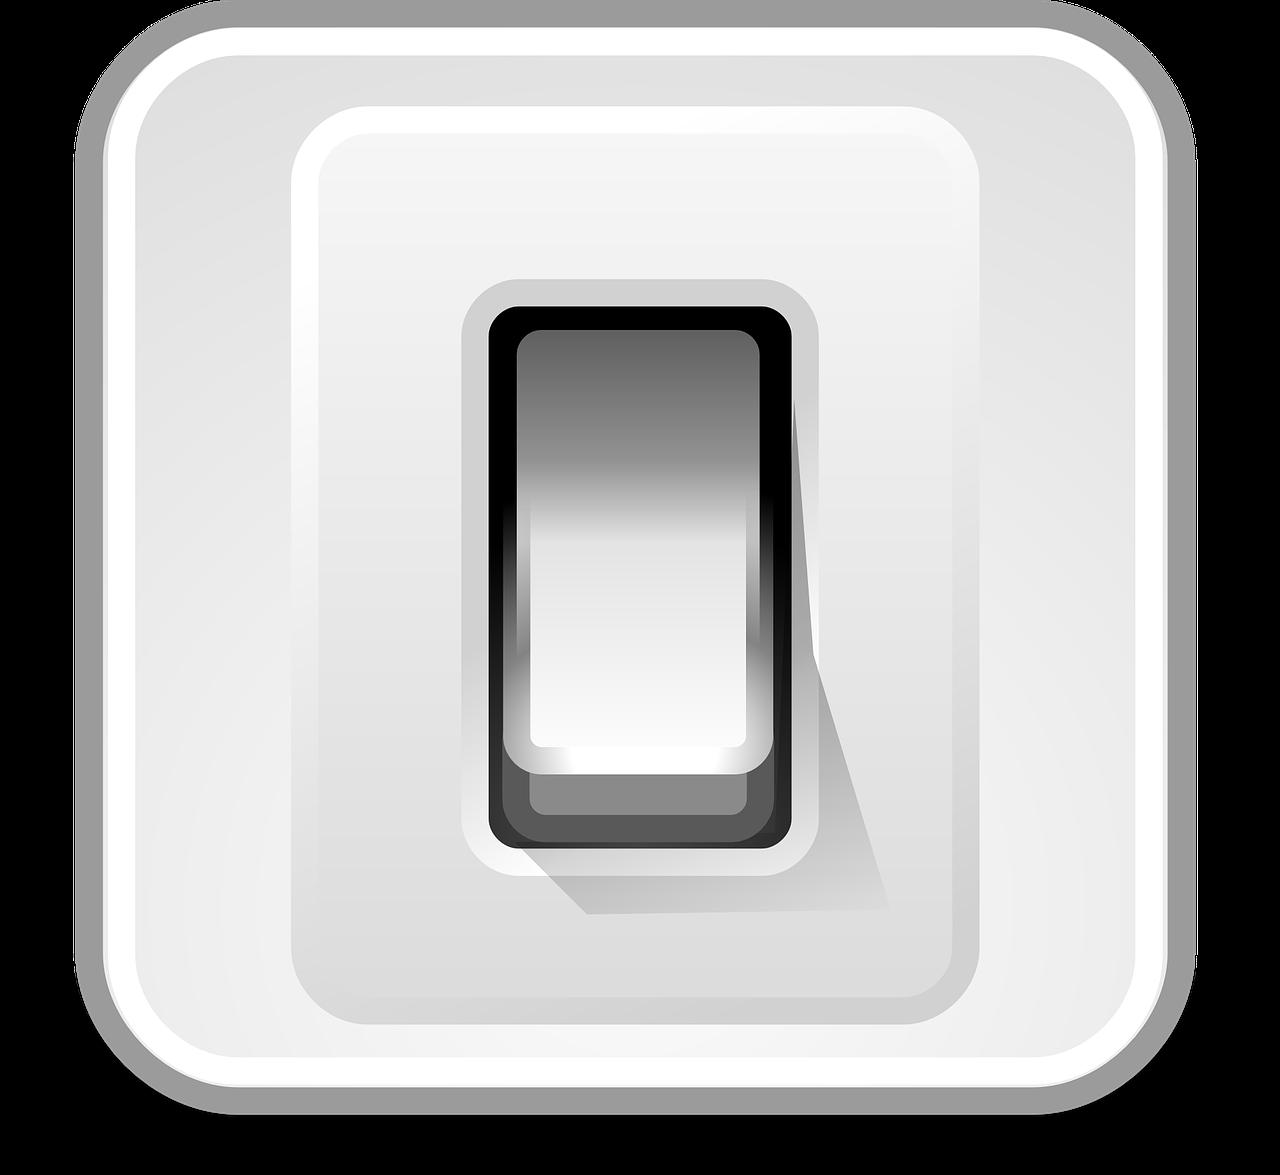 switch-97637_1280